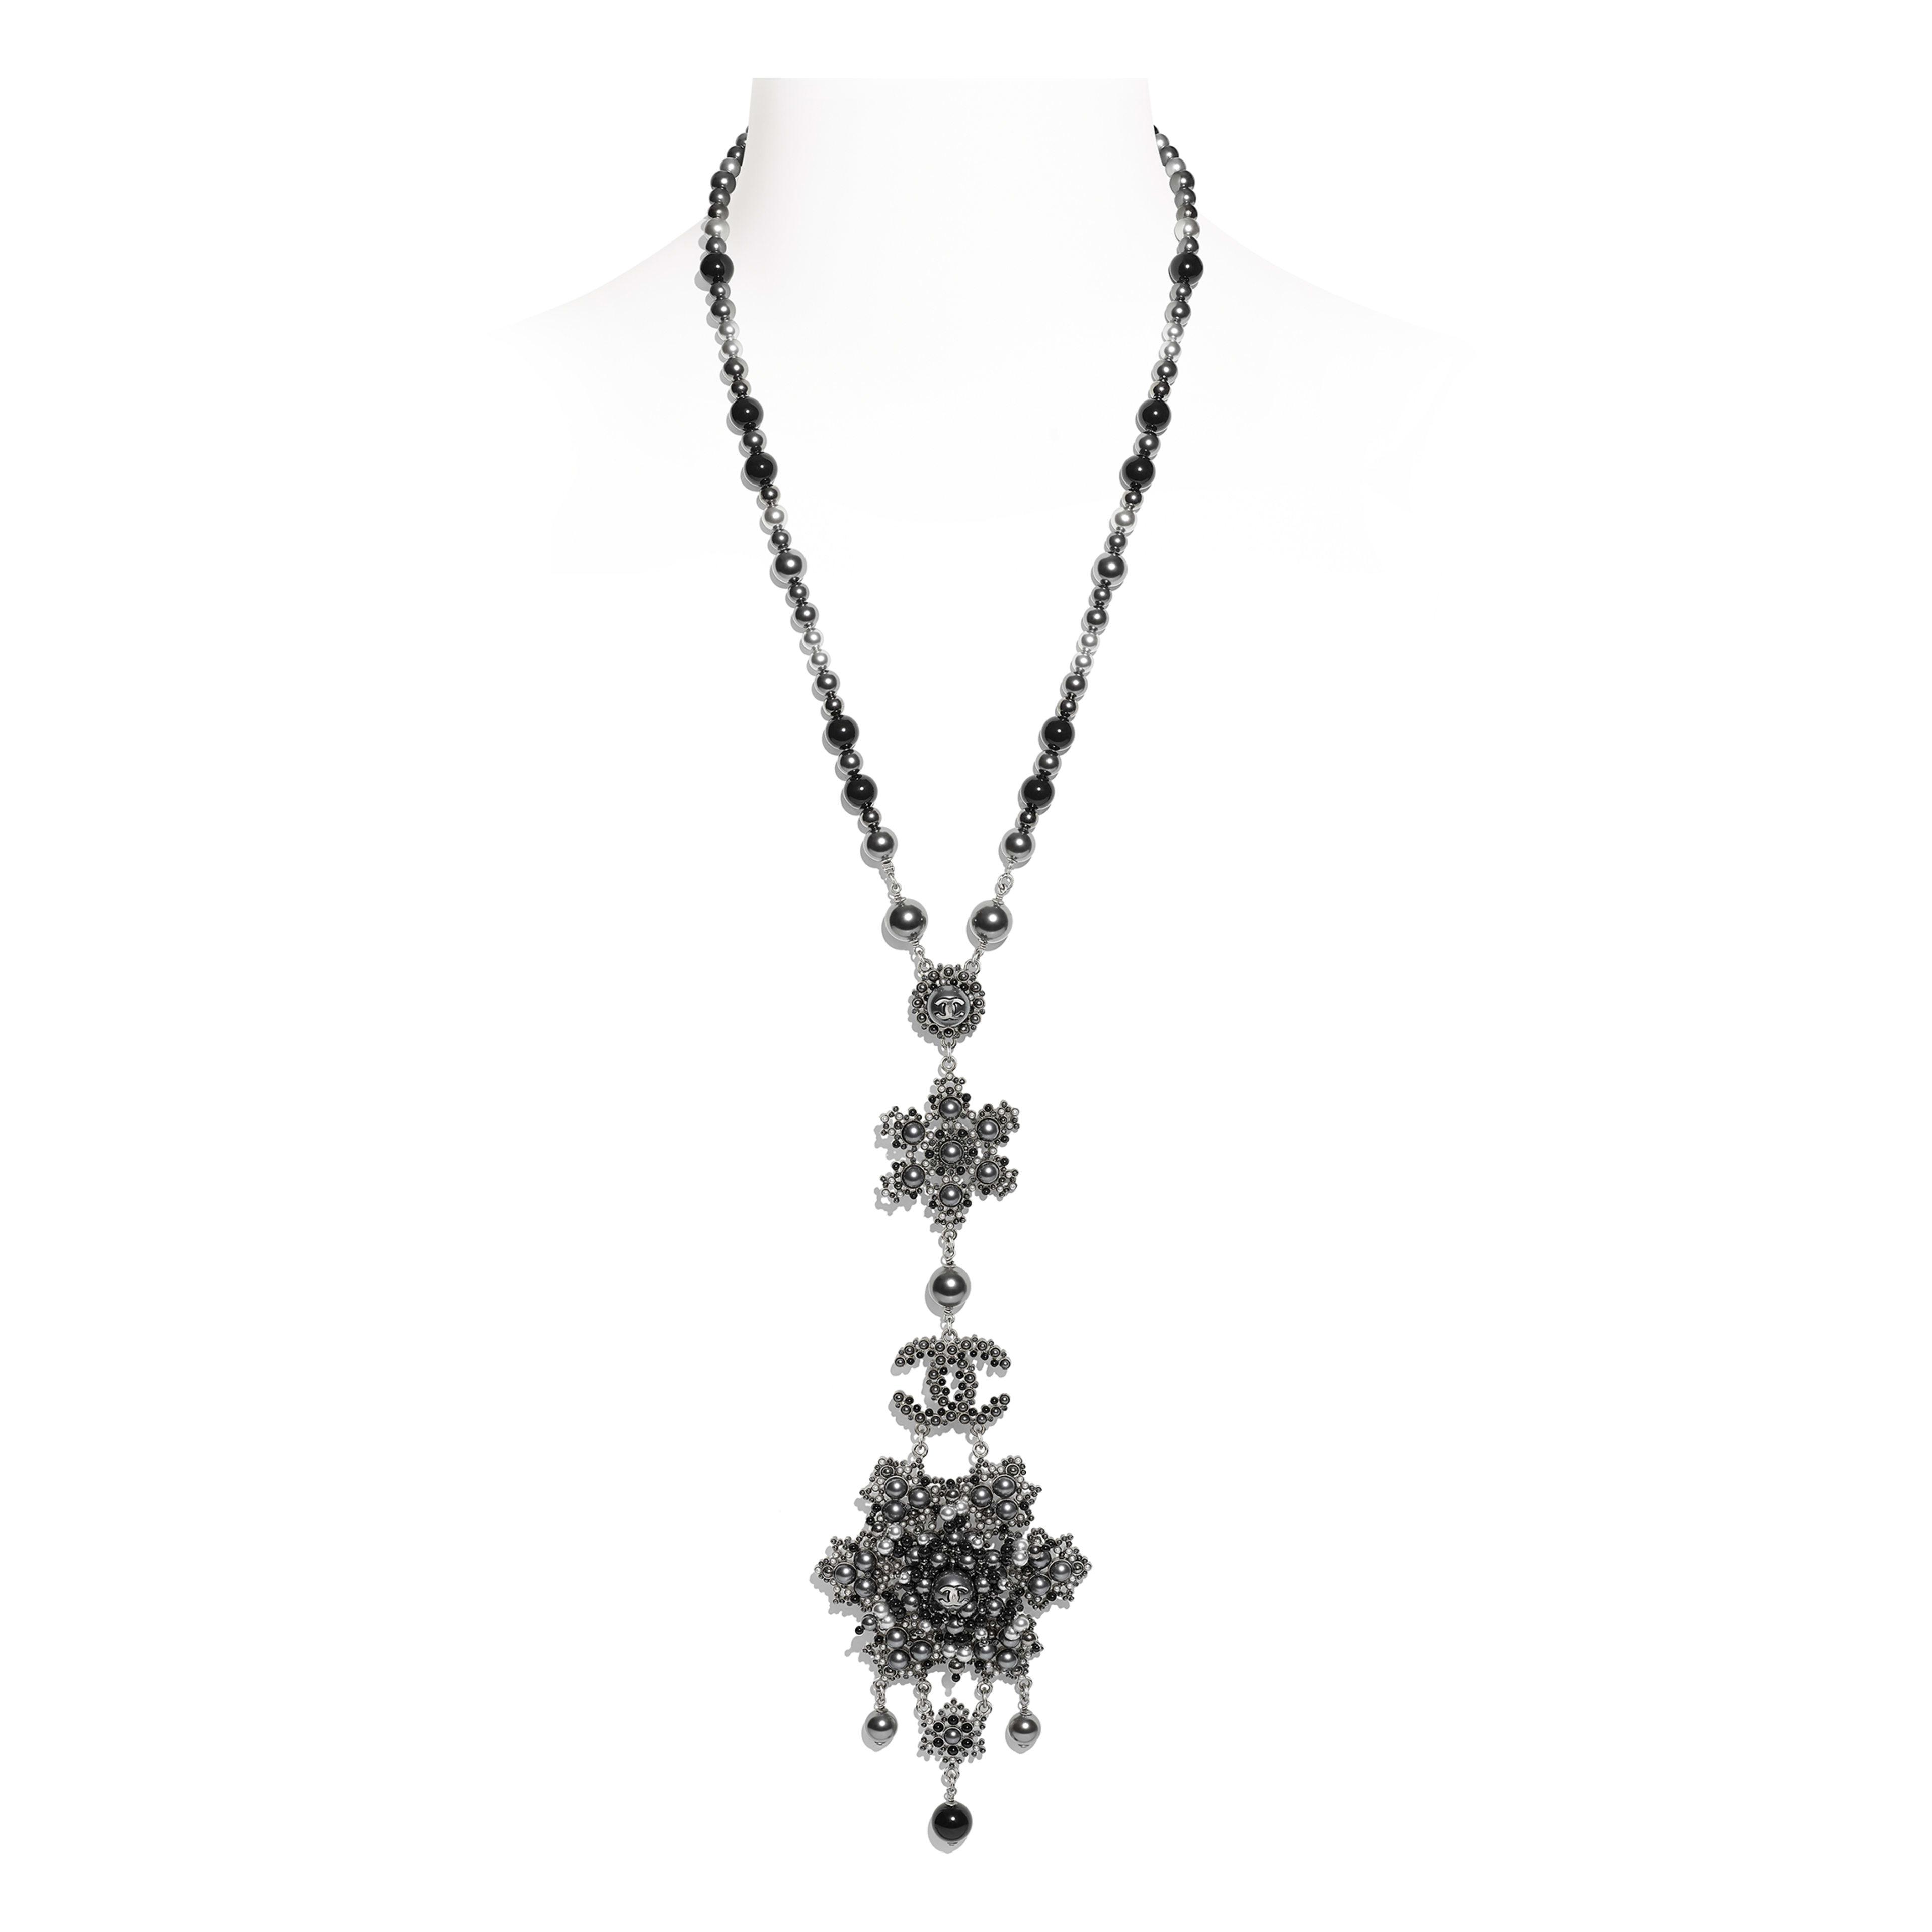 Колье - Серебристый, черный и серый - Металл, жемчуг и стразы - Вид по умолчанию - посмотреть полноразмерное изображение